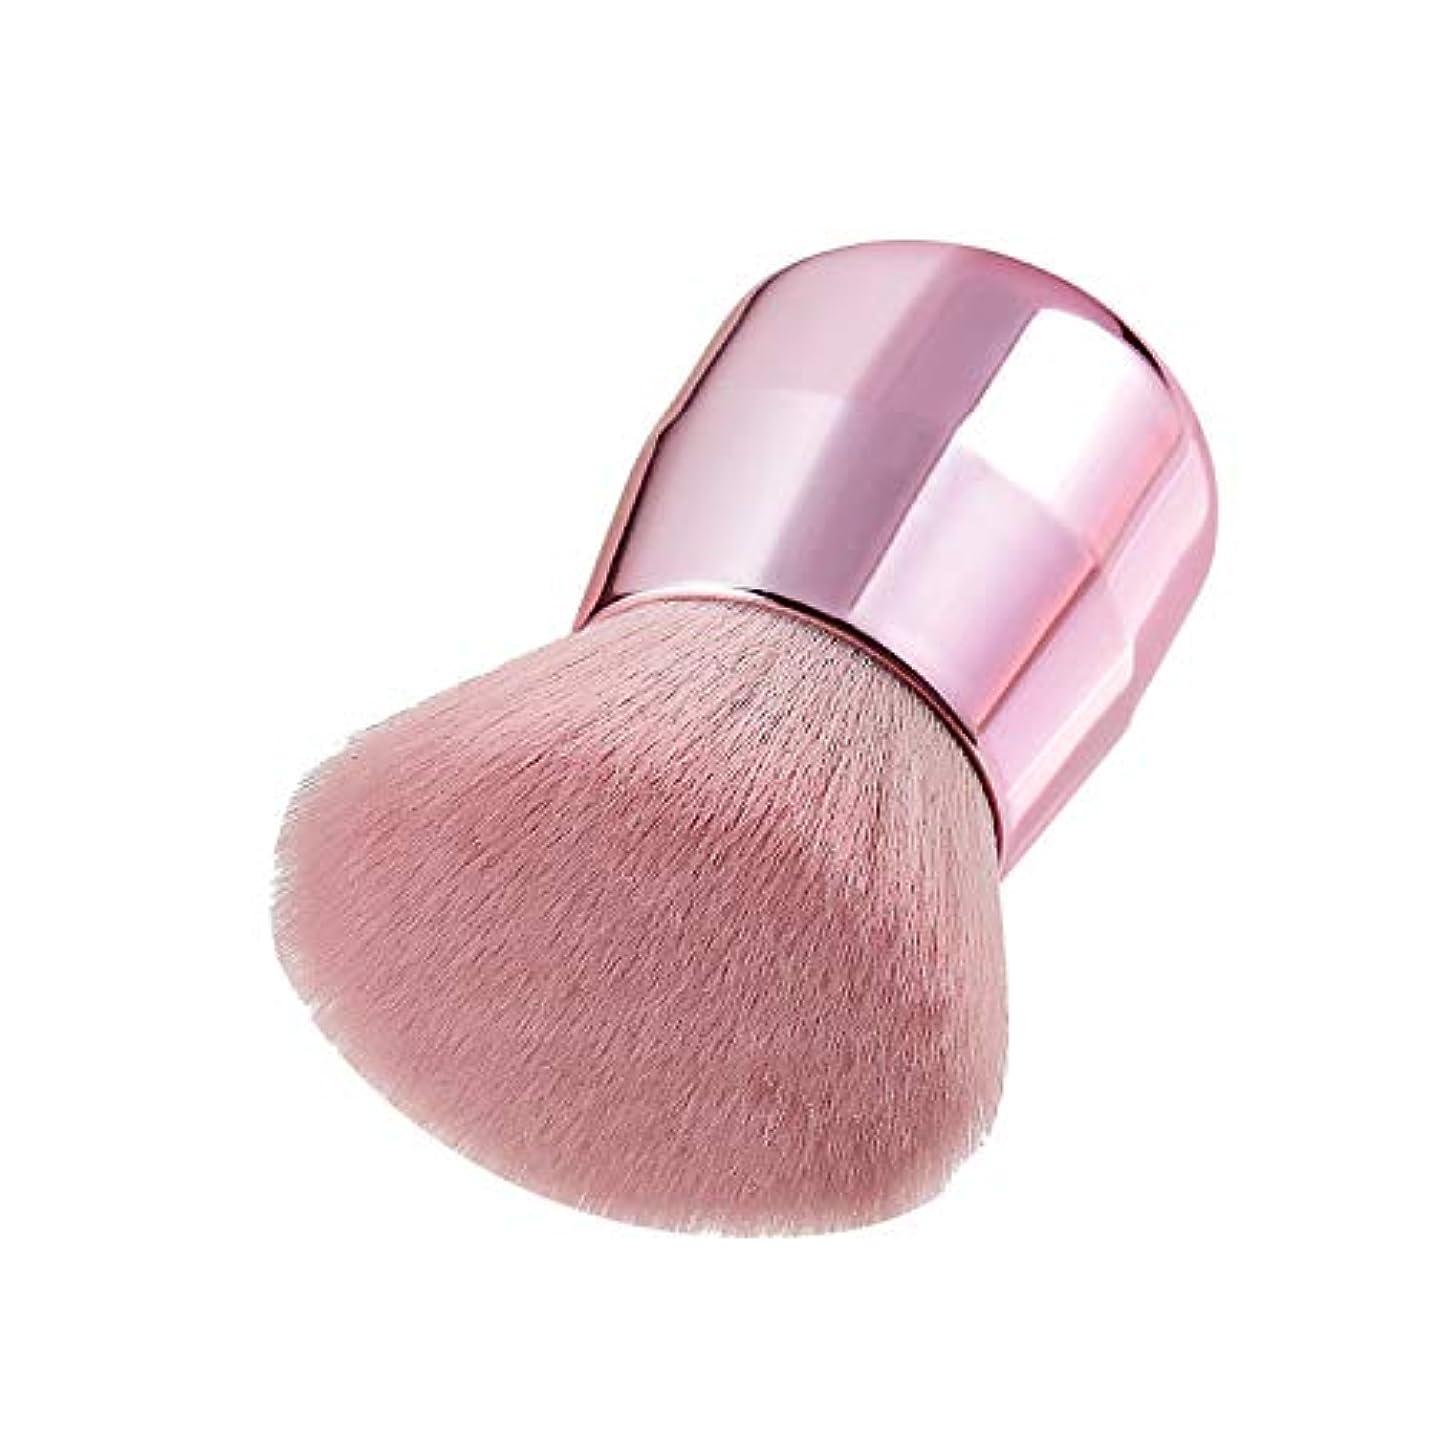 ひばり出演者祝うMakeup brushes ピンクのティルティングパウダーブラシポータブル著名な化粧ブラシハニーパウダーブラシブラッシュブラシ suits (Color : Rose Gold)